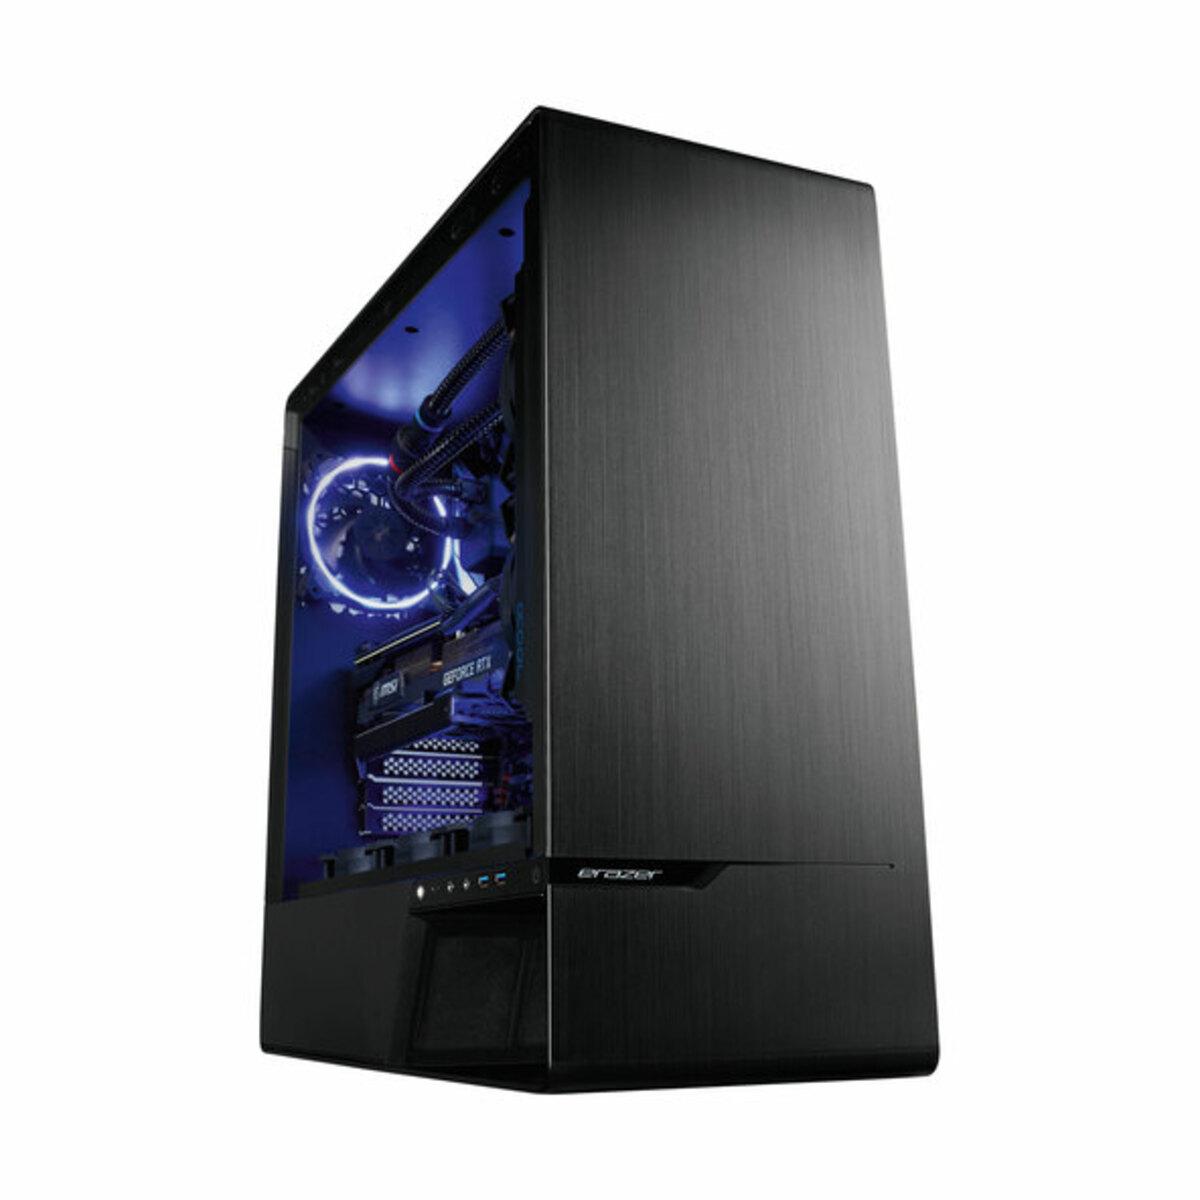 Bild 3 von High-End-Gaming-PC Enforcer X10 (MD34565)